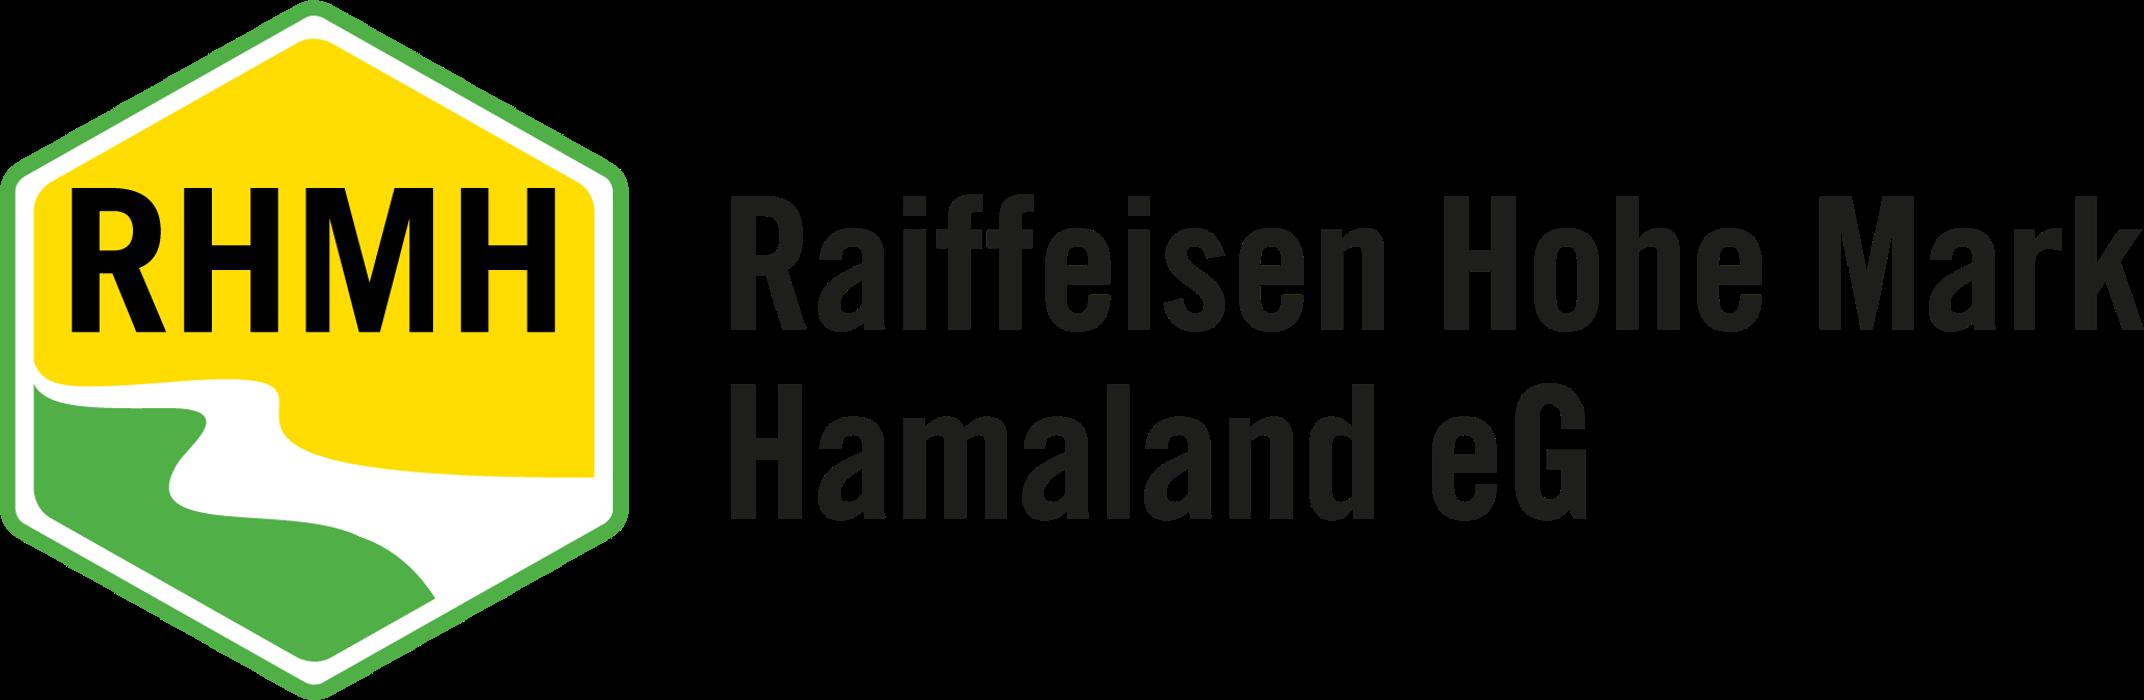 Bild zu Raiffeisen Hohe Mark Hamaland eG - Raiffeisen-Markt Heiden mit SB-Tankstelle in Heiden Kreis Borken